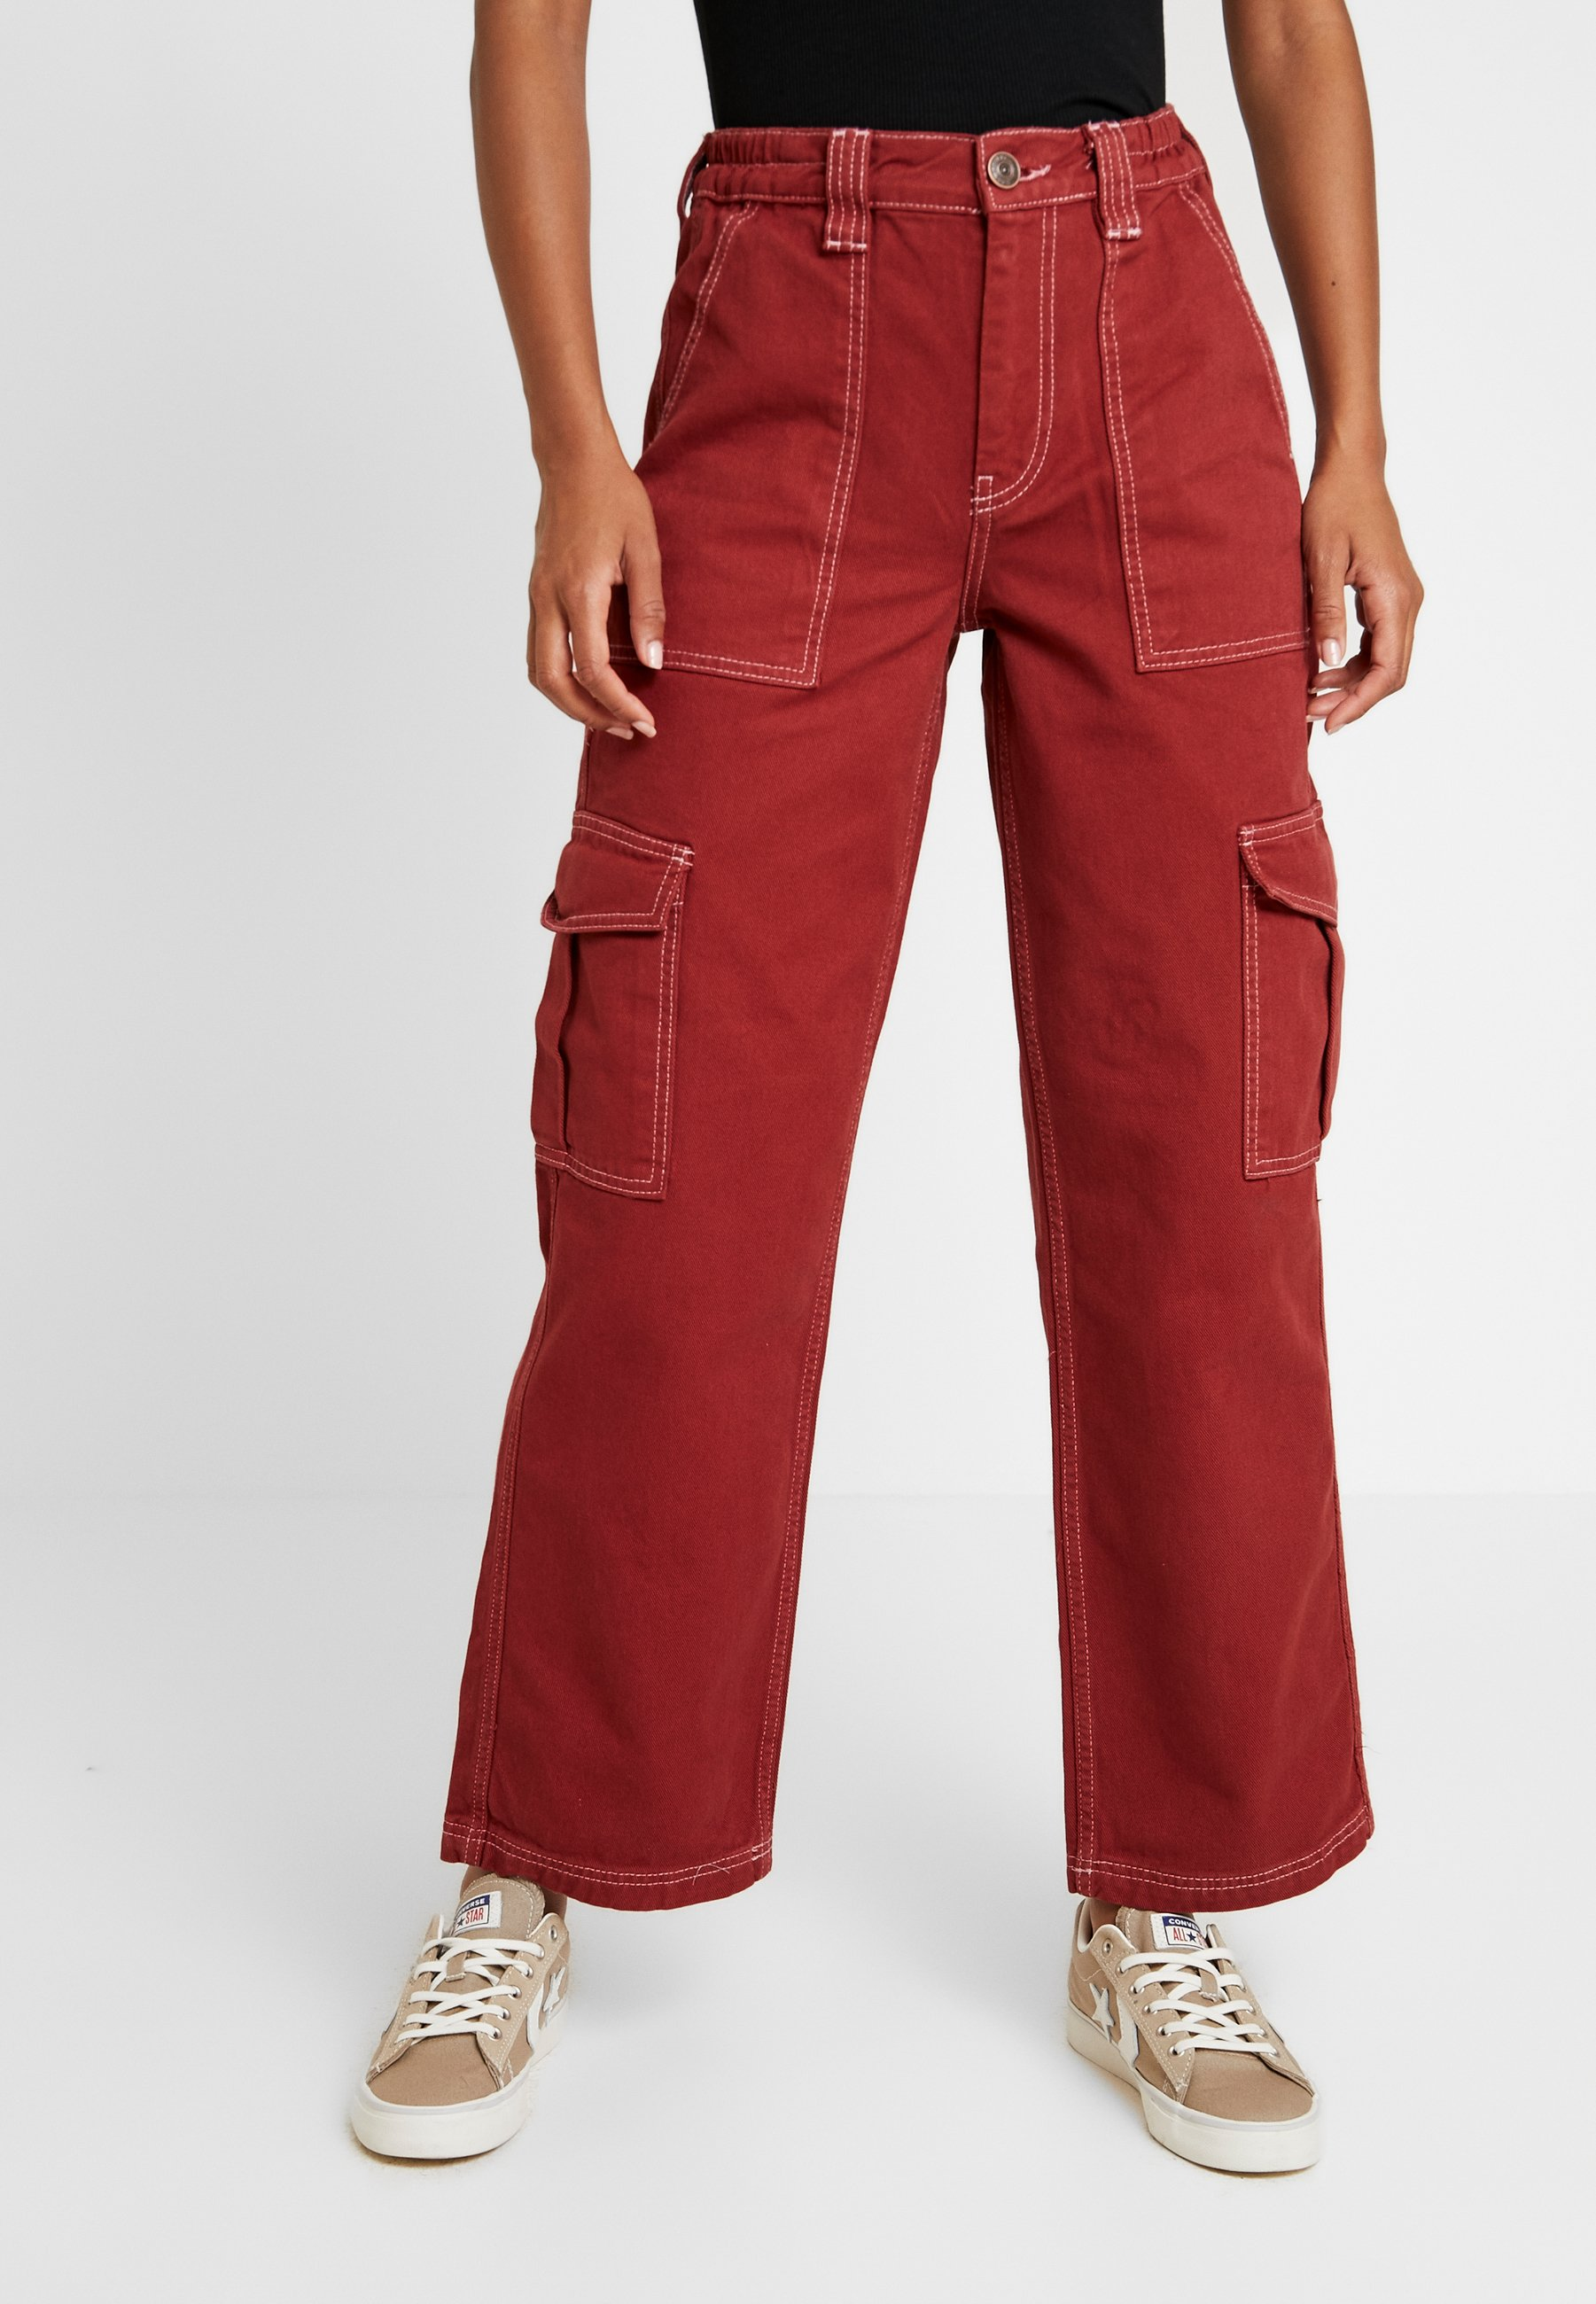 Jeans Produkter